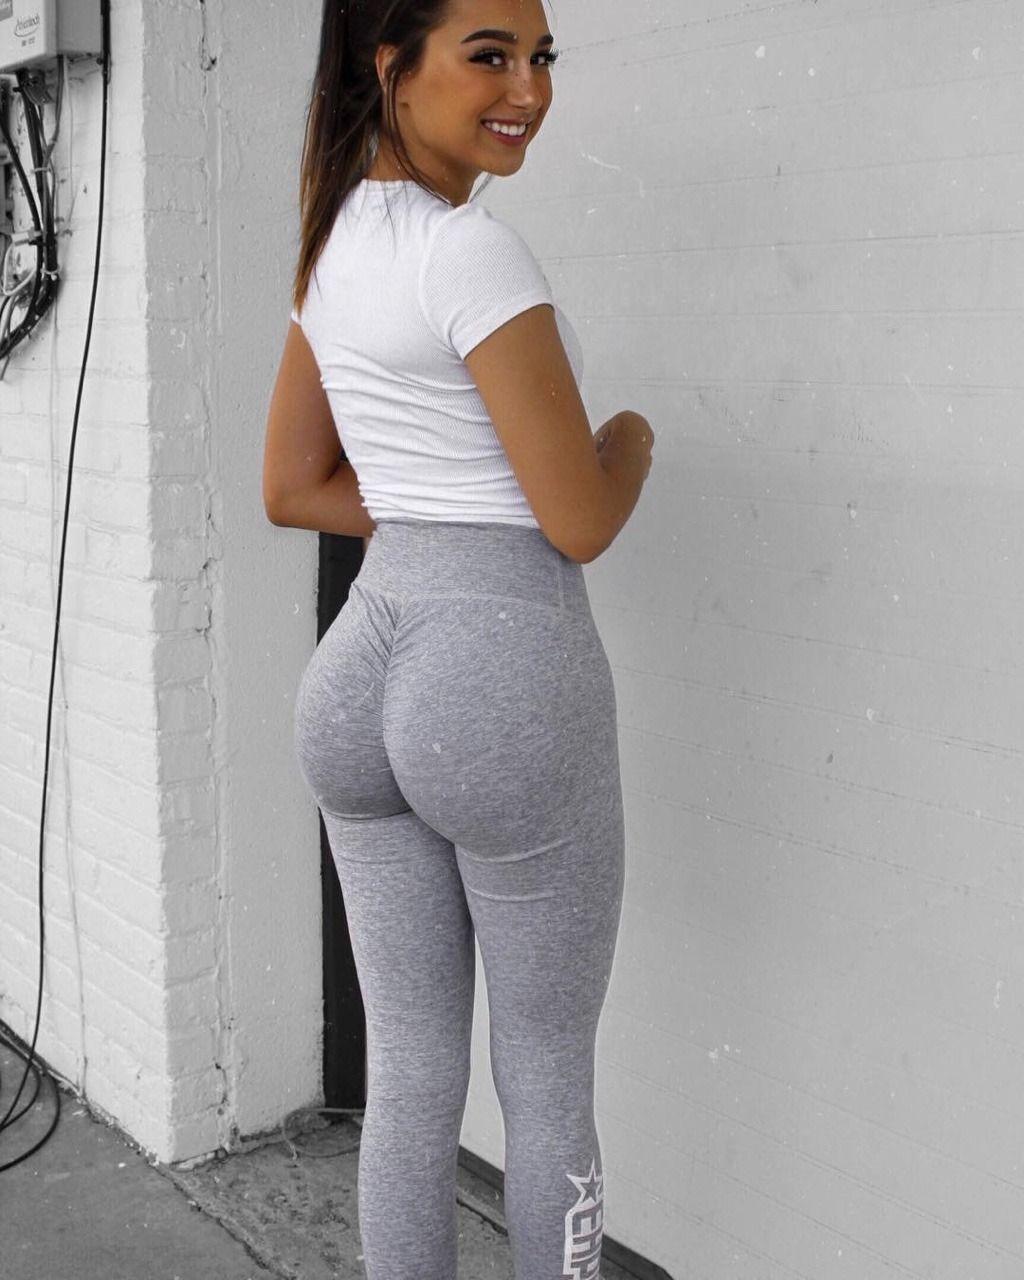 Girls wearing sexy leggings